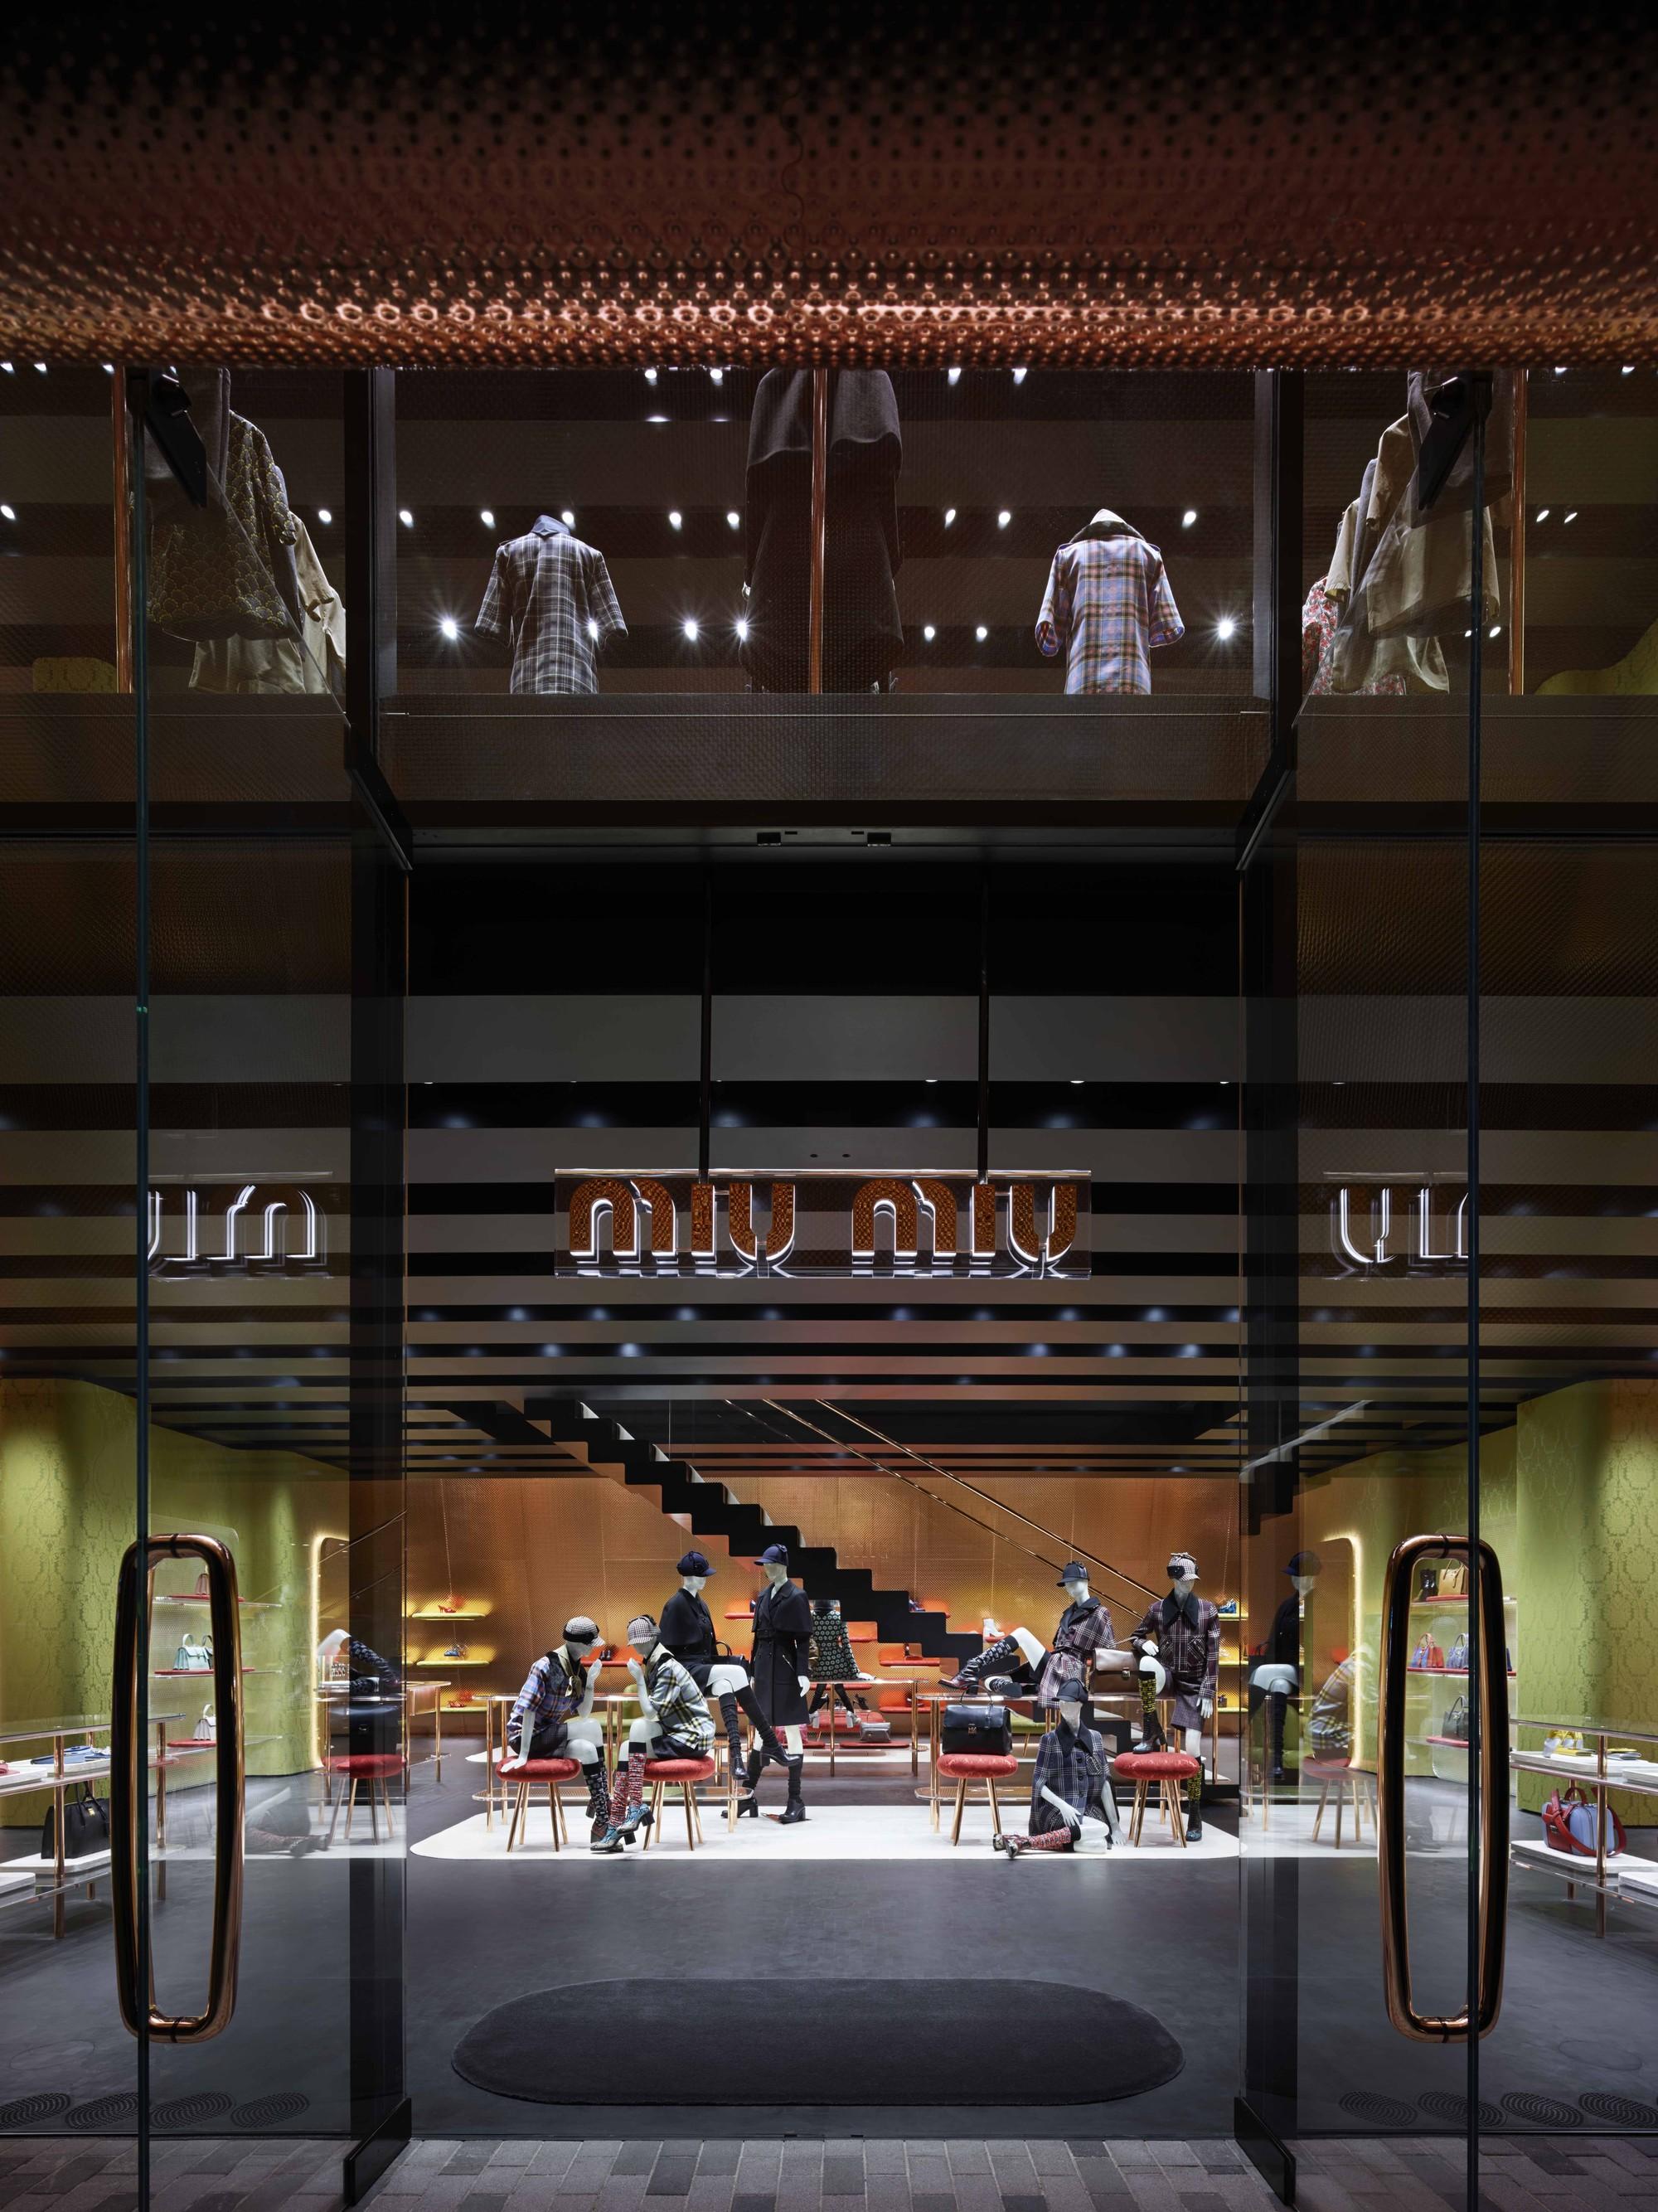 499210618f40f Gallery of Miu Miu Aoyama Store   Herzog   de Meuron - 11